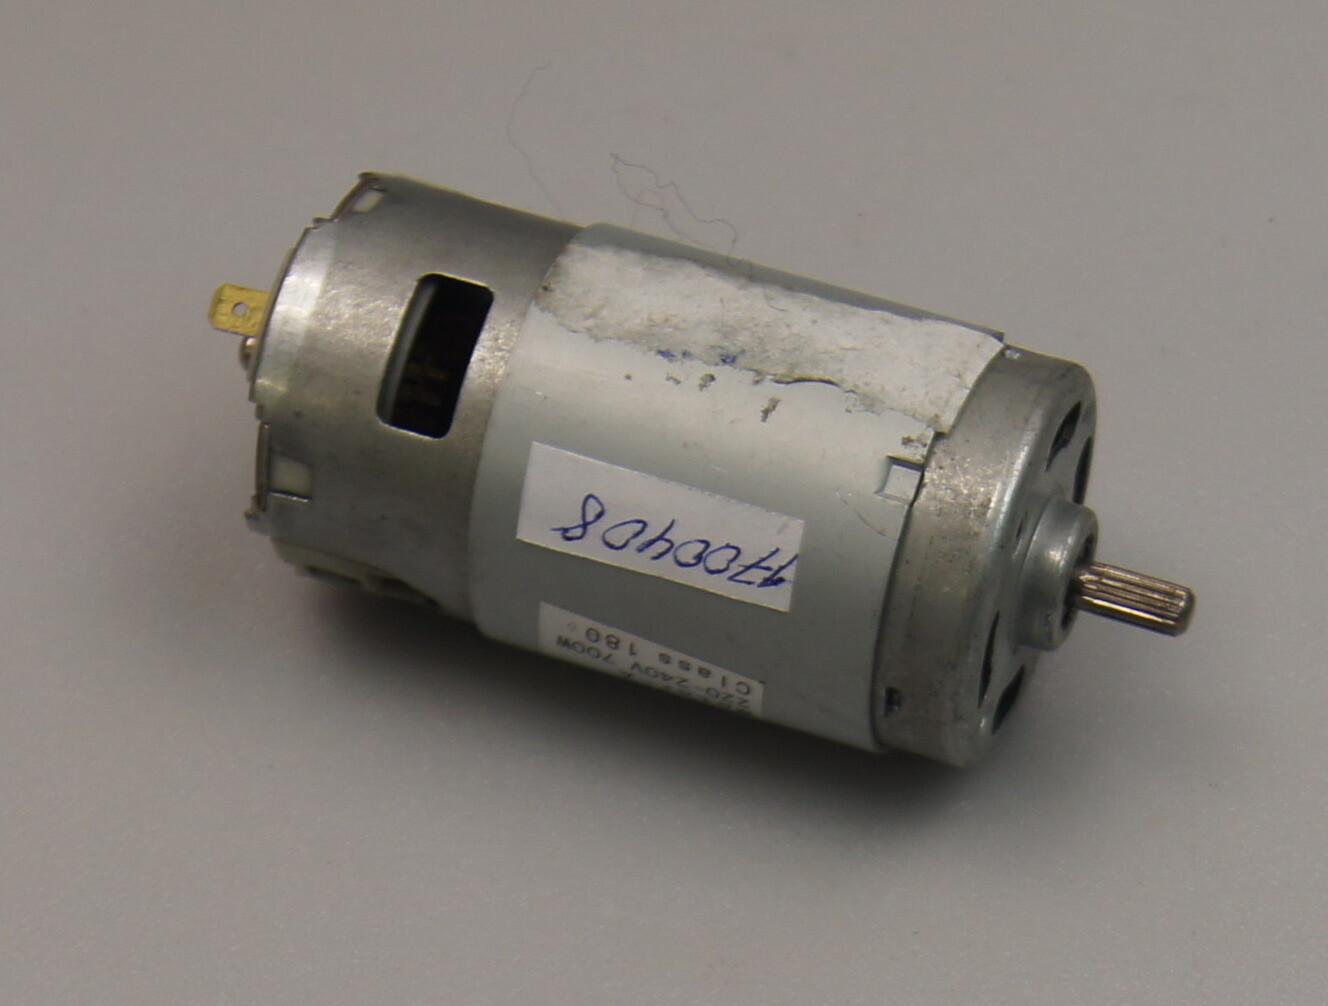 MOTOR Двигатель MOTOR-A 220-240V 700W CLASS 180